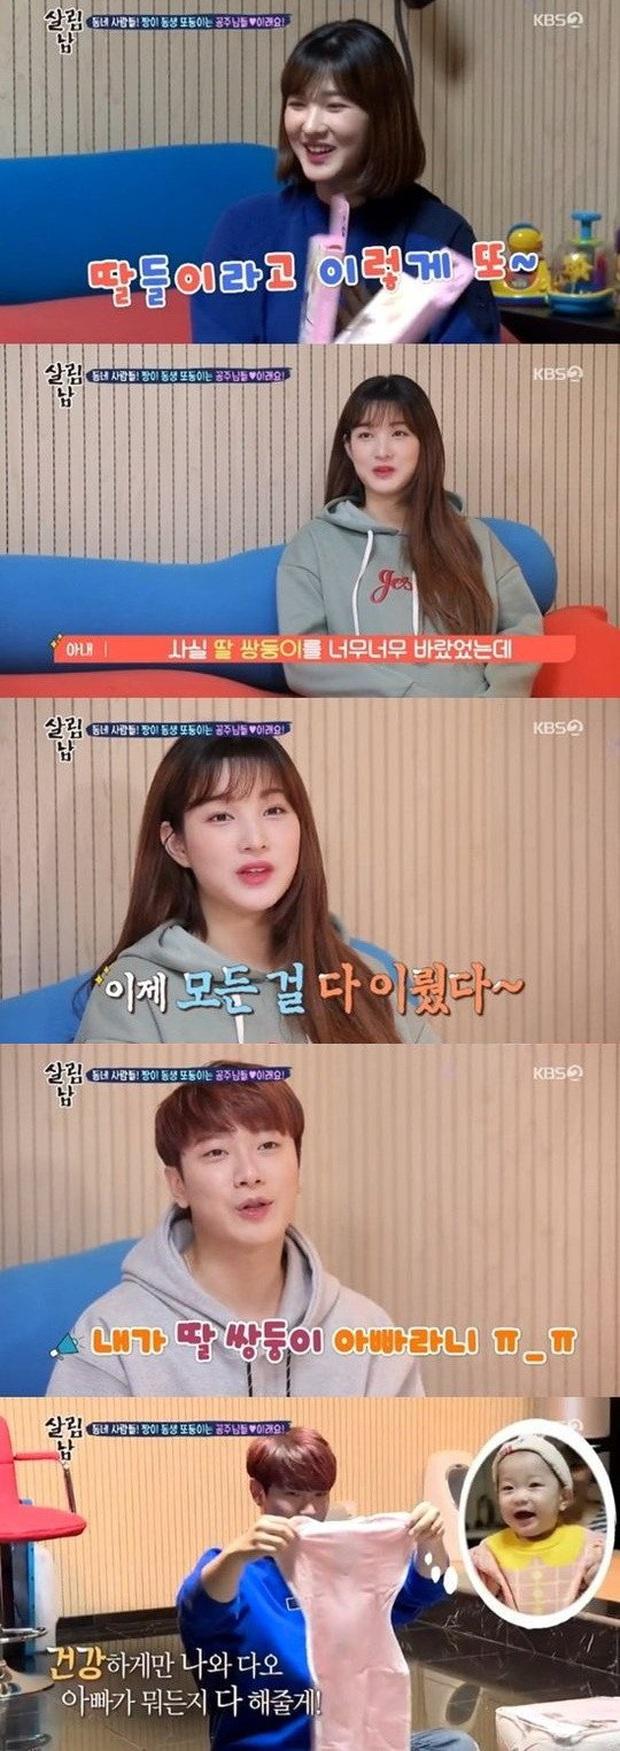 Cặp vợ chồng trẻ nhất Kpop tiết lộ giới tính cặp sinh đôi, netizen vỡ òa ngưỡng mộ gia đình đội hình quá hoàn hảo - Ảnh 1.